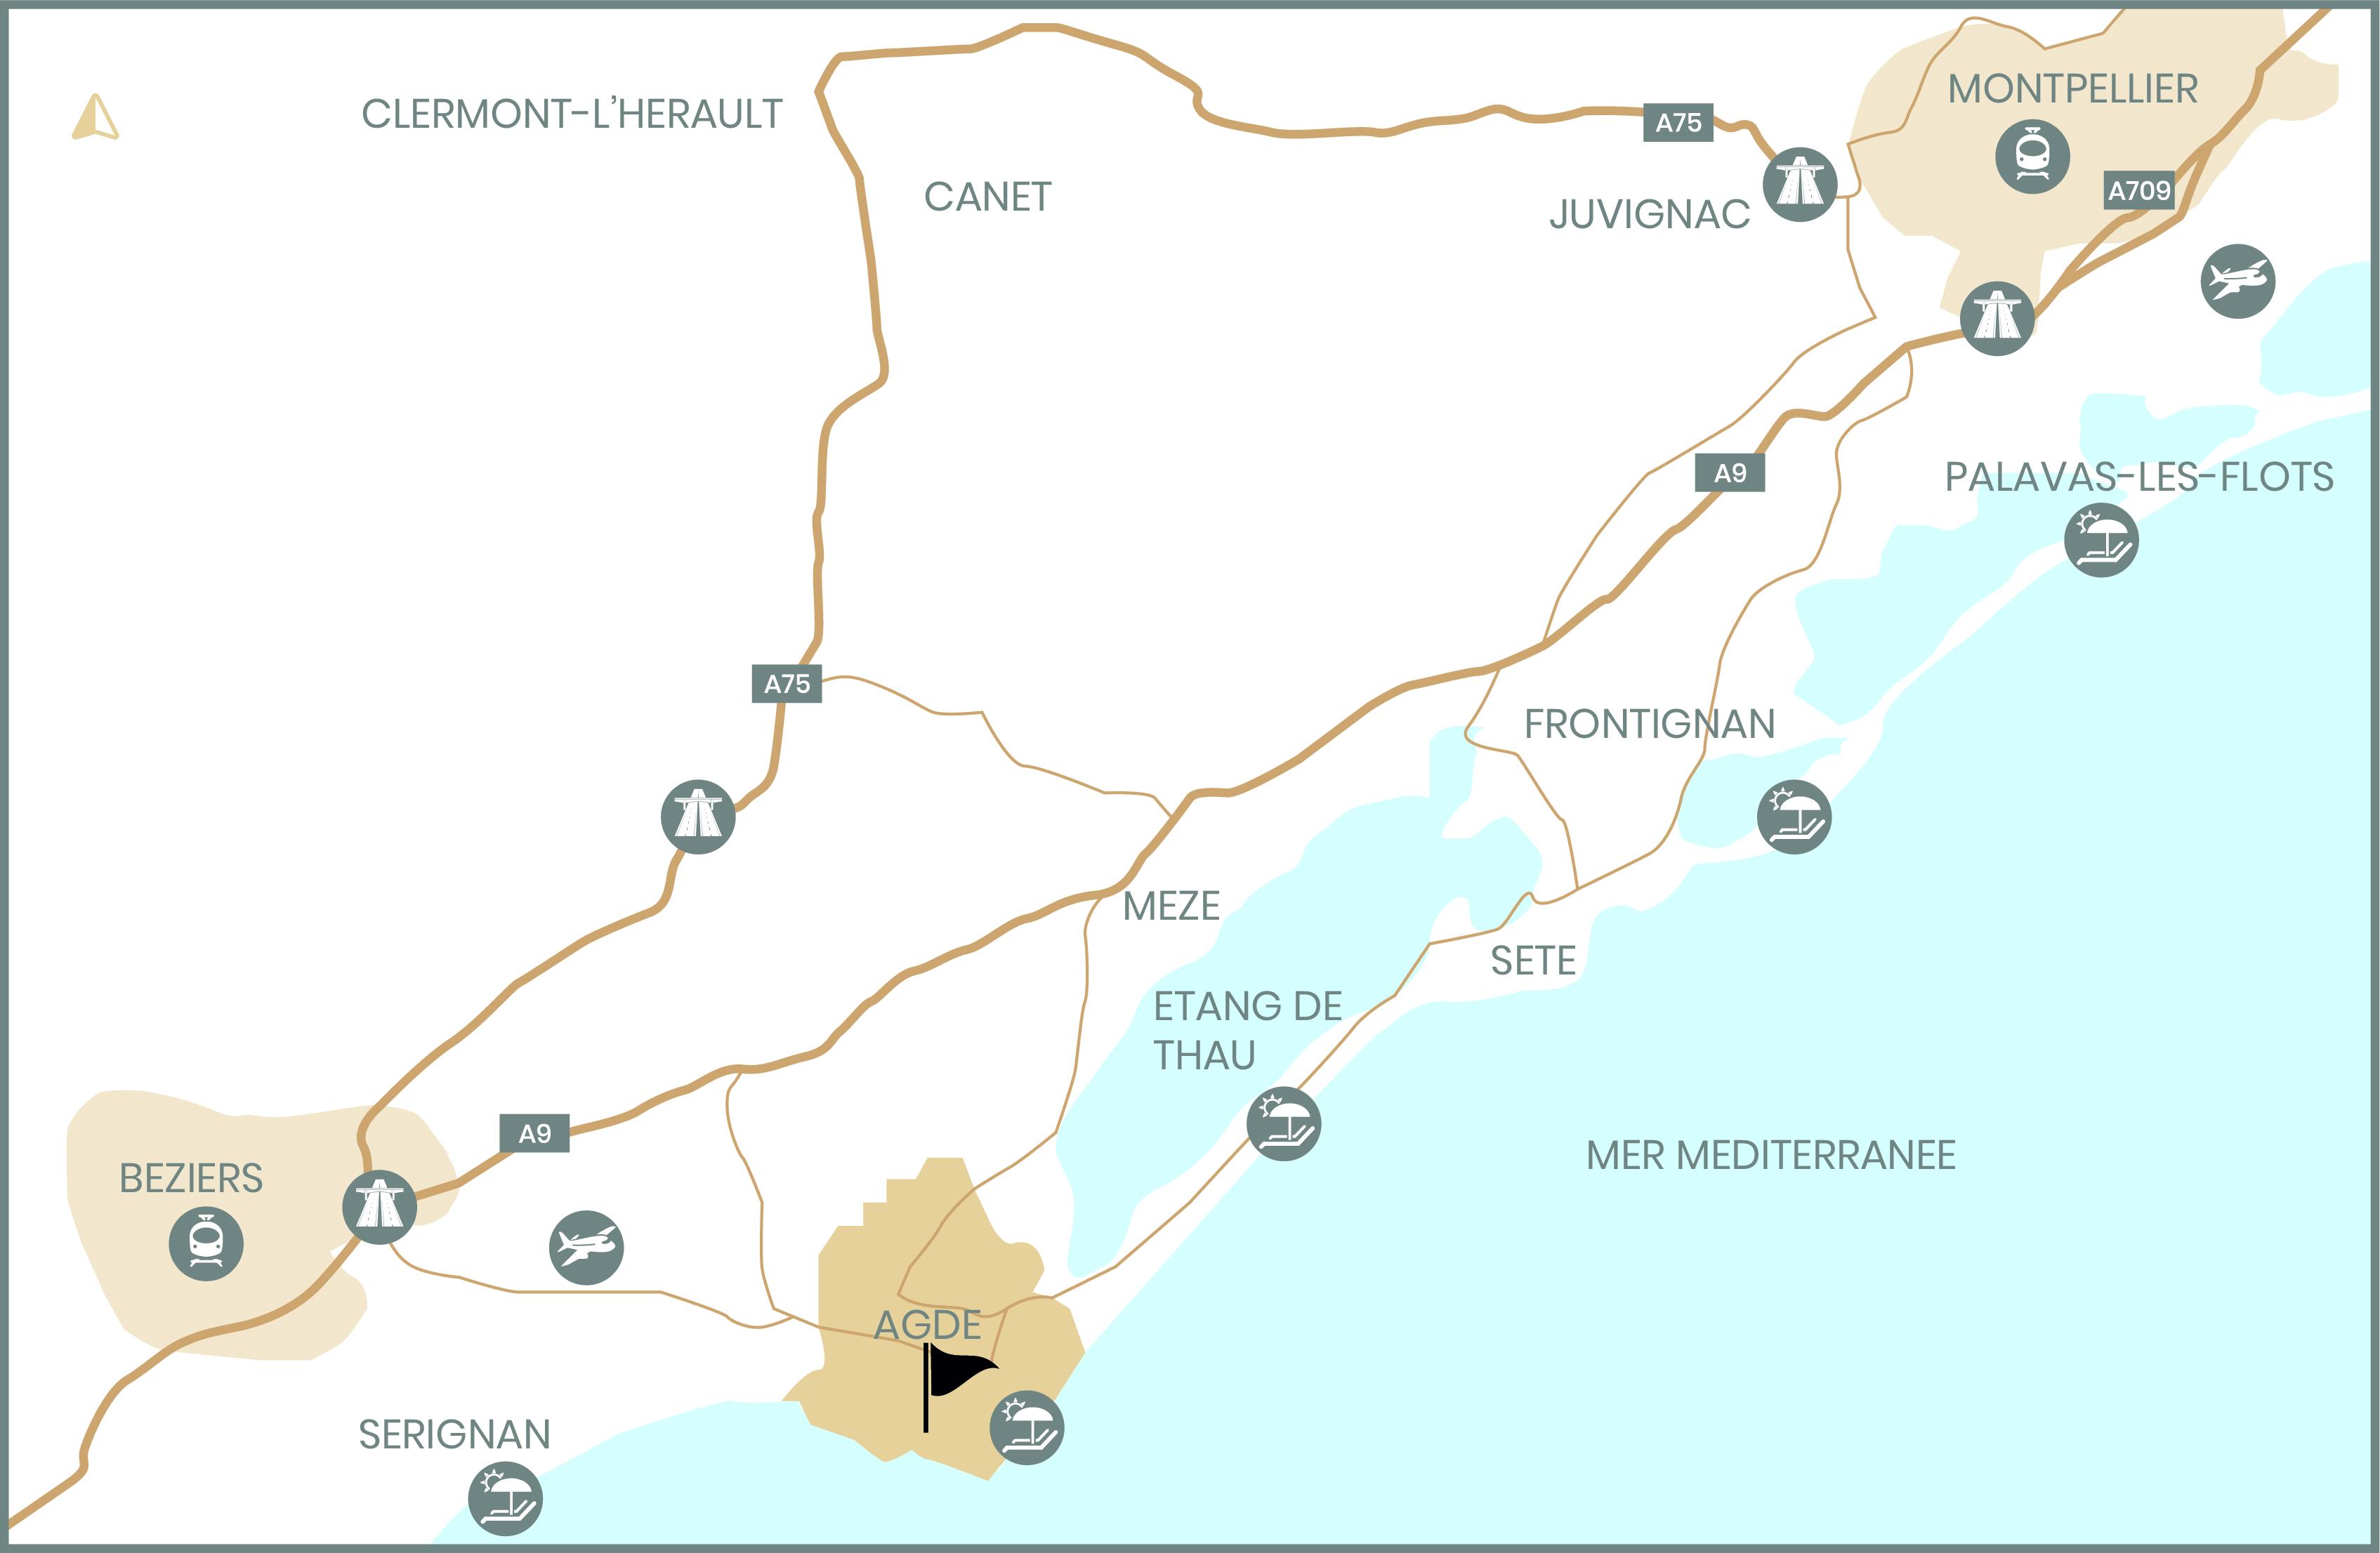 Carte des environts de la ville de Agde dans l'Hérault. Création visuelle par l'agence de communication Tamline www.tamline.fr Montpellier, Beziers, Sete,